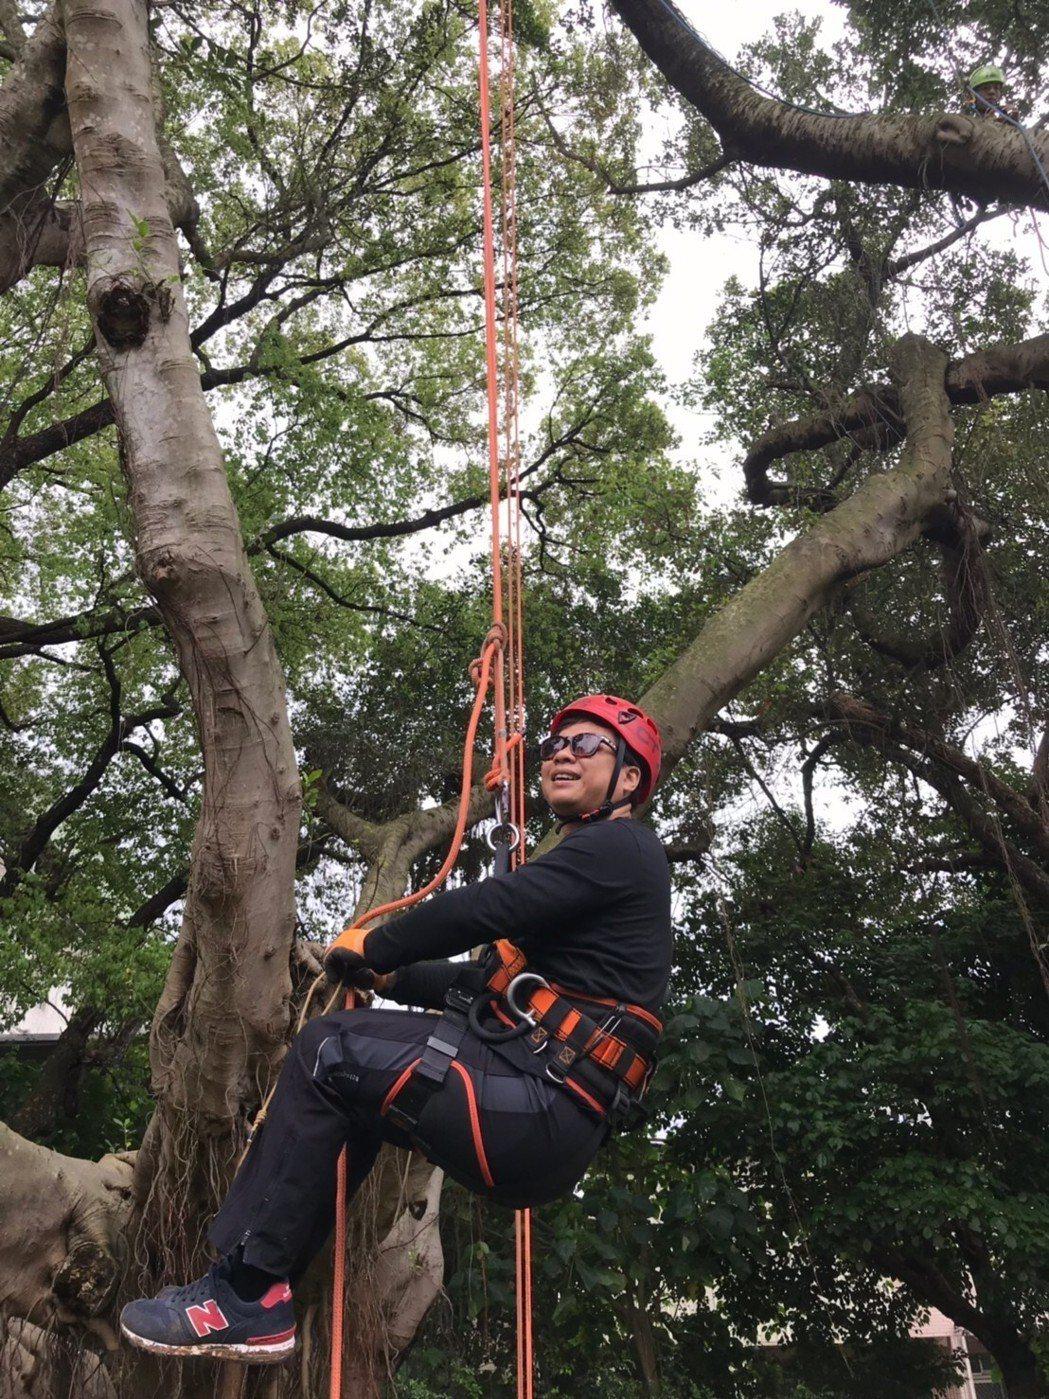 王俊傑日前與友人挑戰攀樹。圖/ 獨一無二娛樂提供